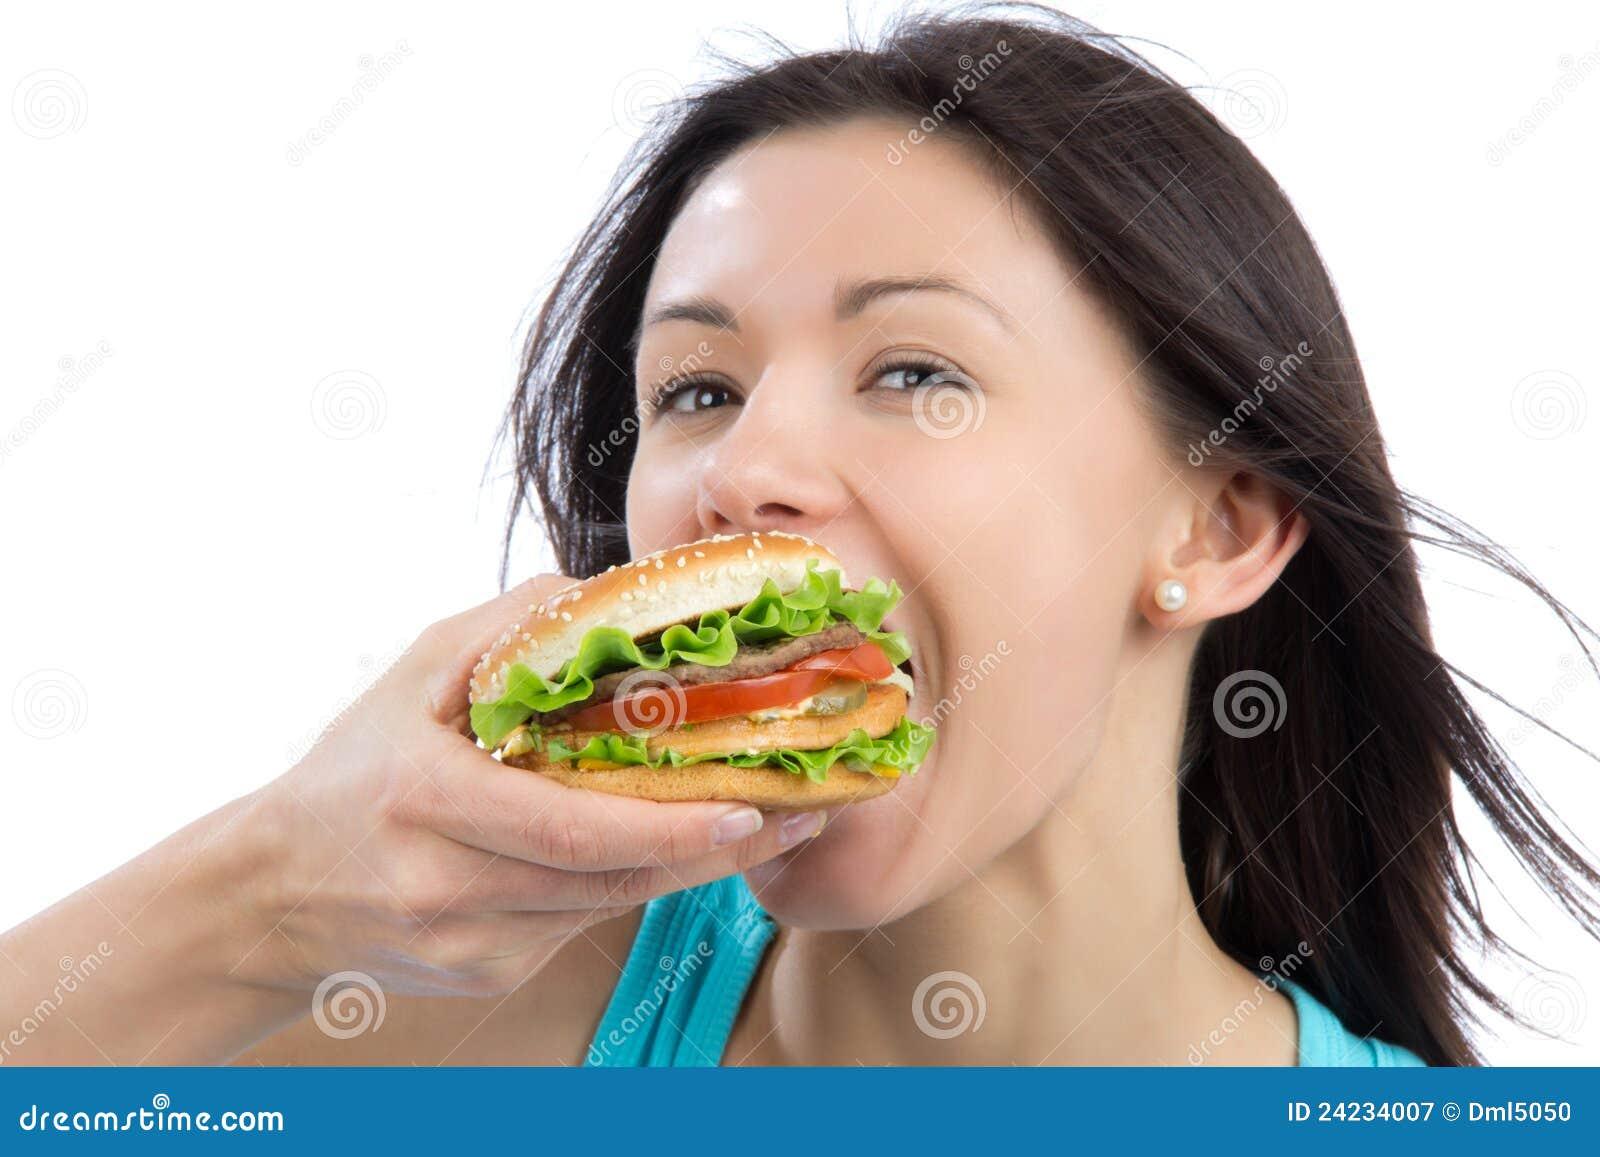 Девушка с бутербродом фото